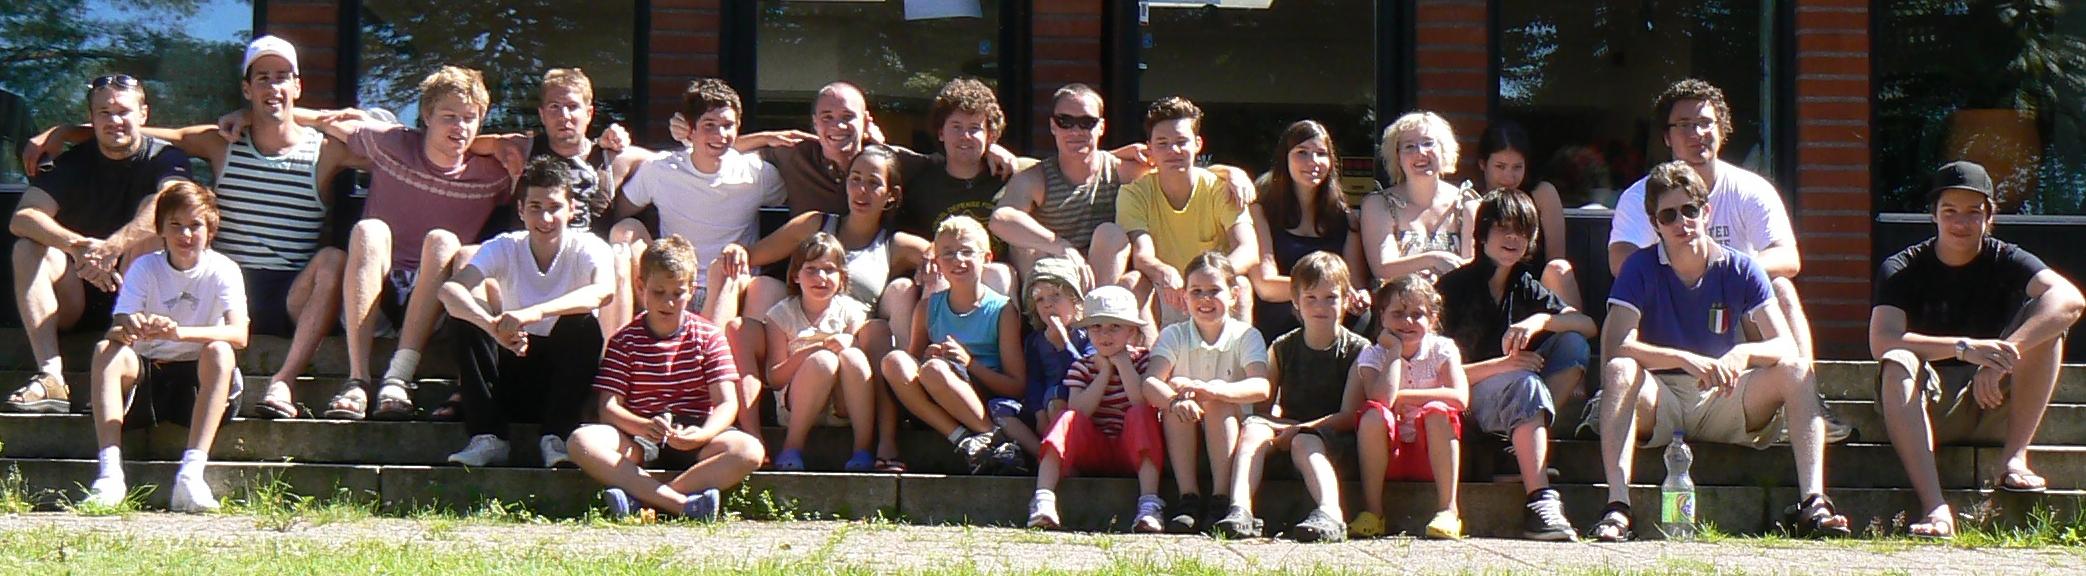 Mullsjo_2008-Dzieci